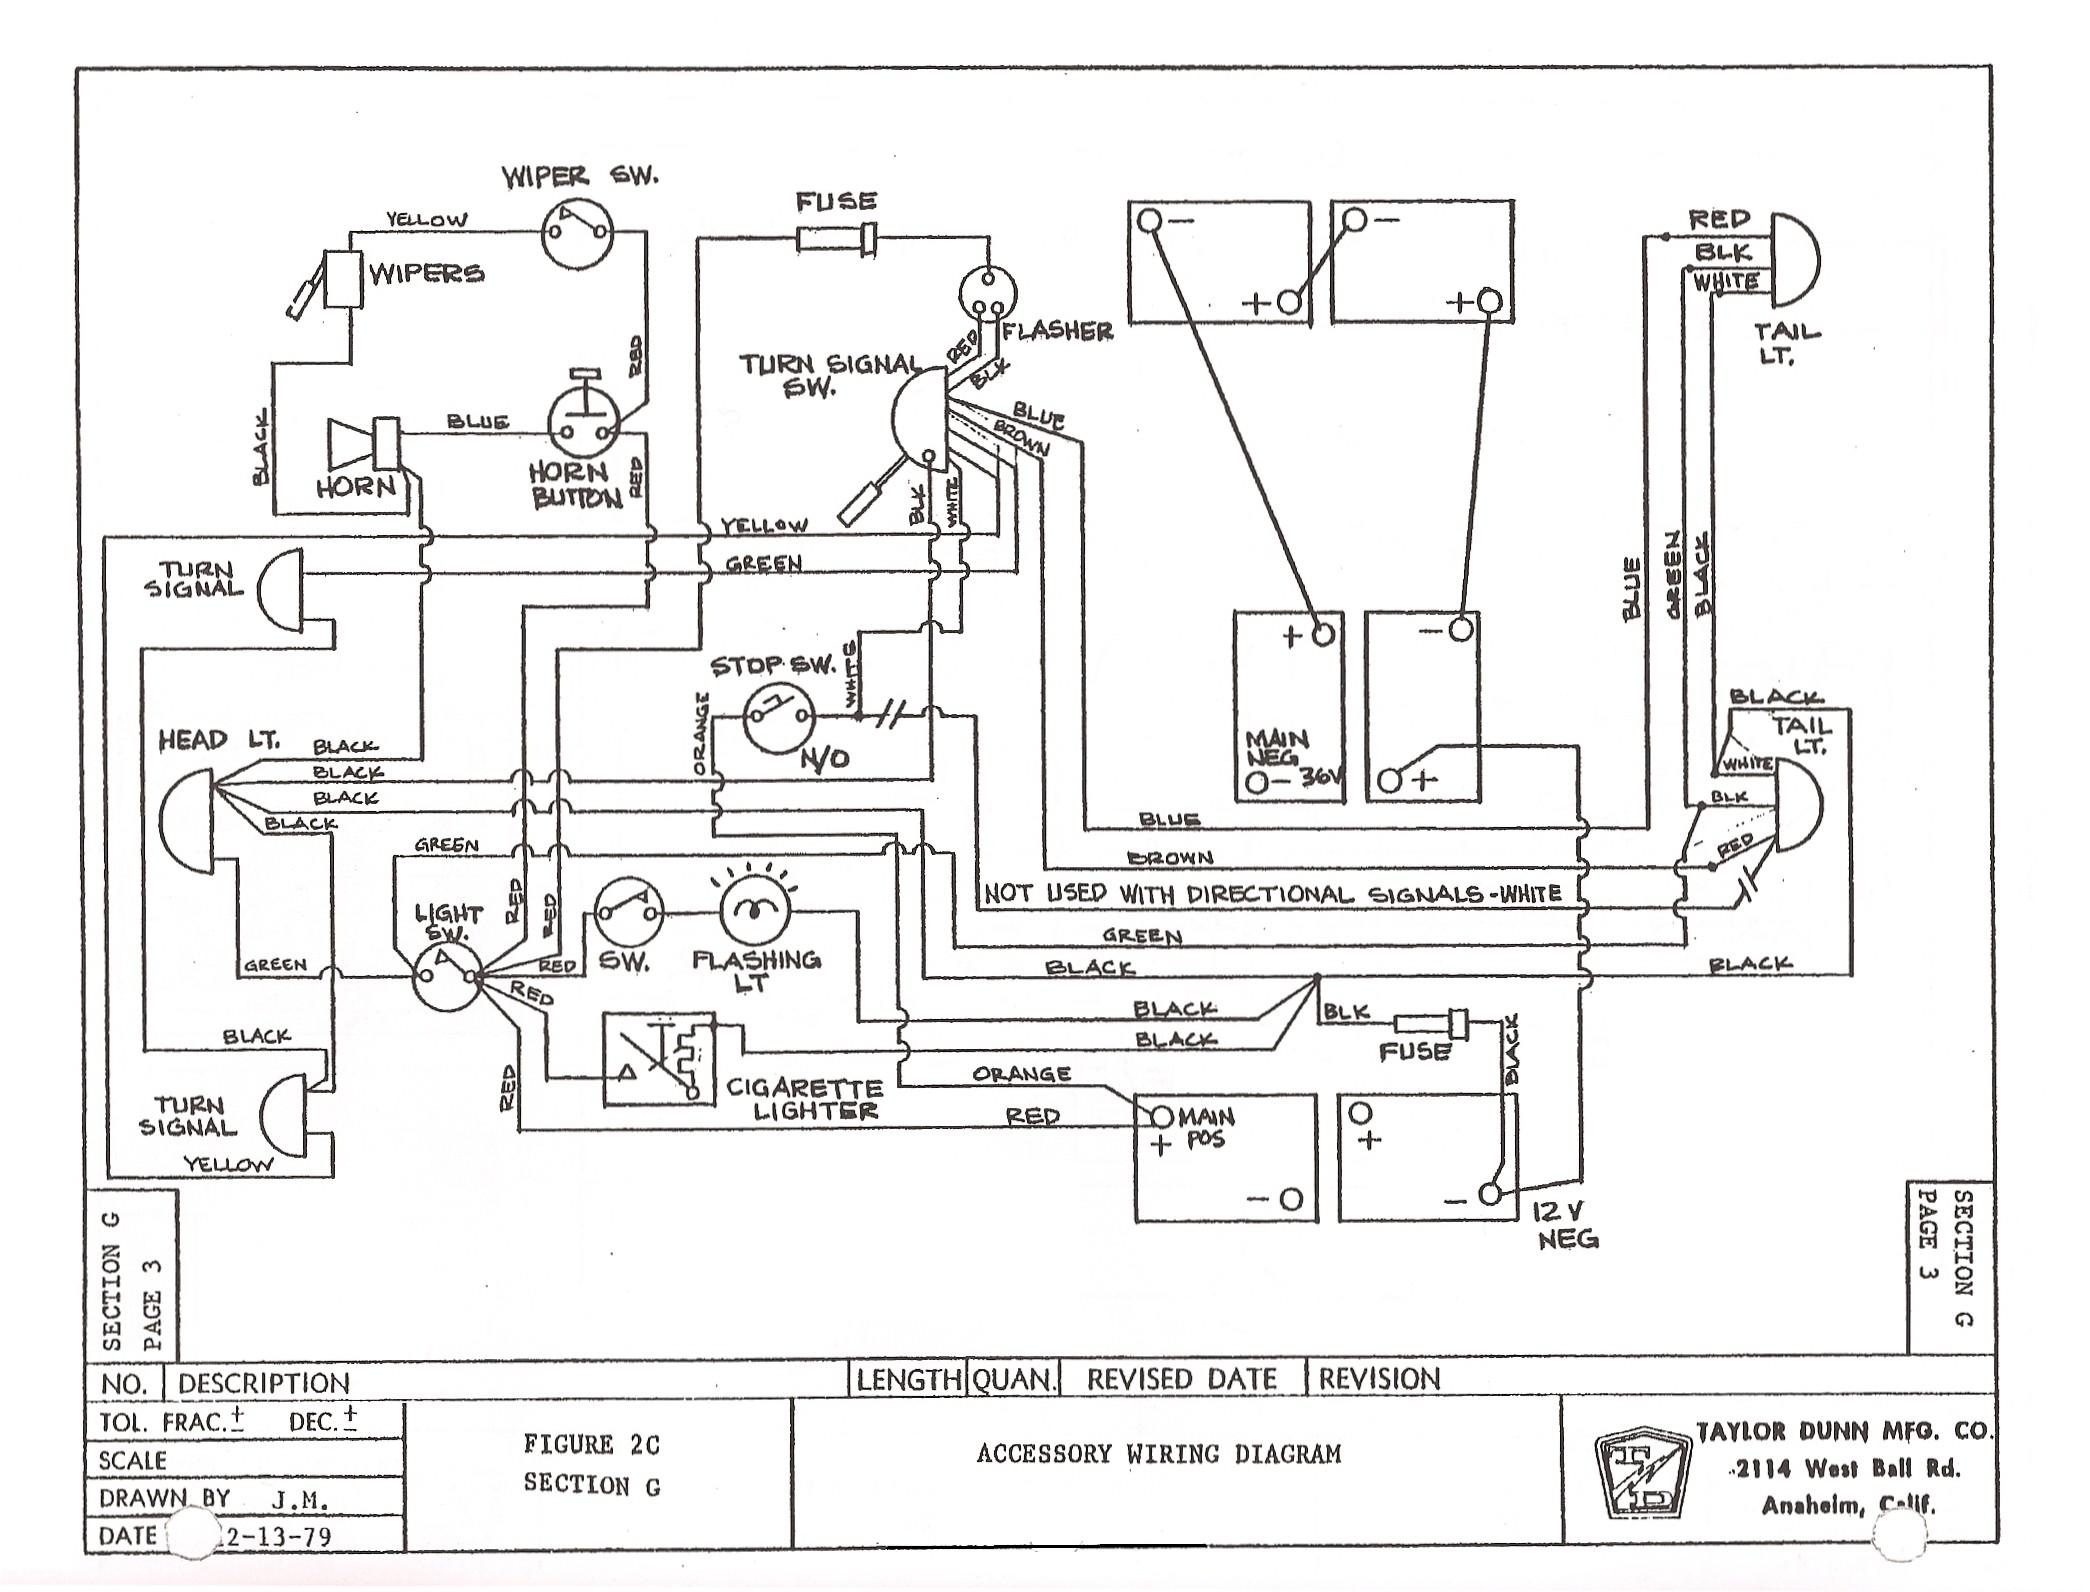 Ezgo 1989 Gas Engine Wiring Wrg 2228] 2000 Ezgo Gas Wiring Diagrams Of Ezgo 1989 Gas Engine Wiring